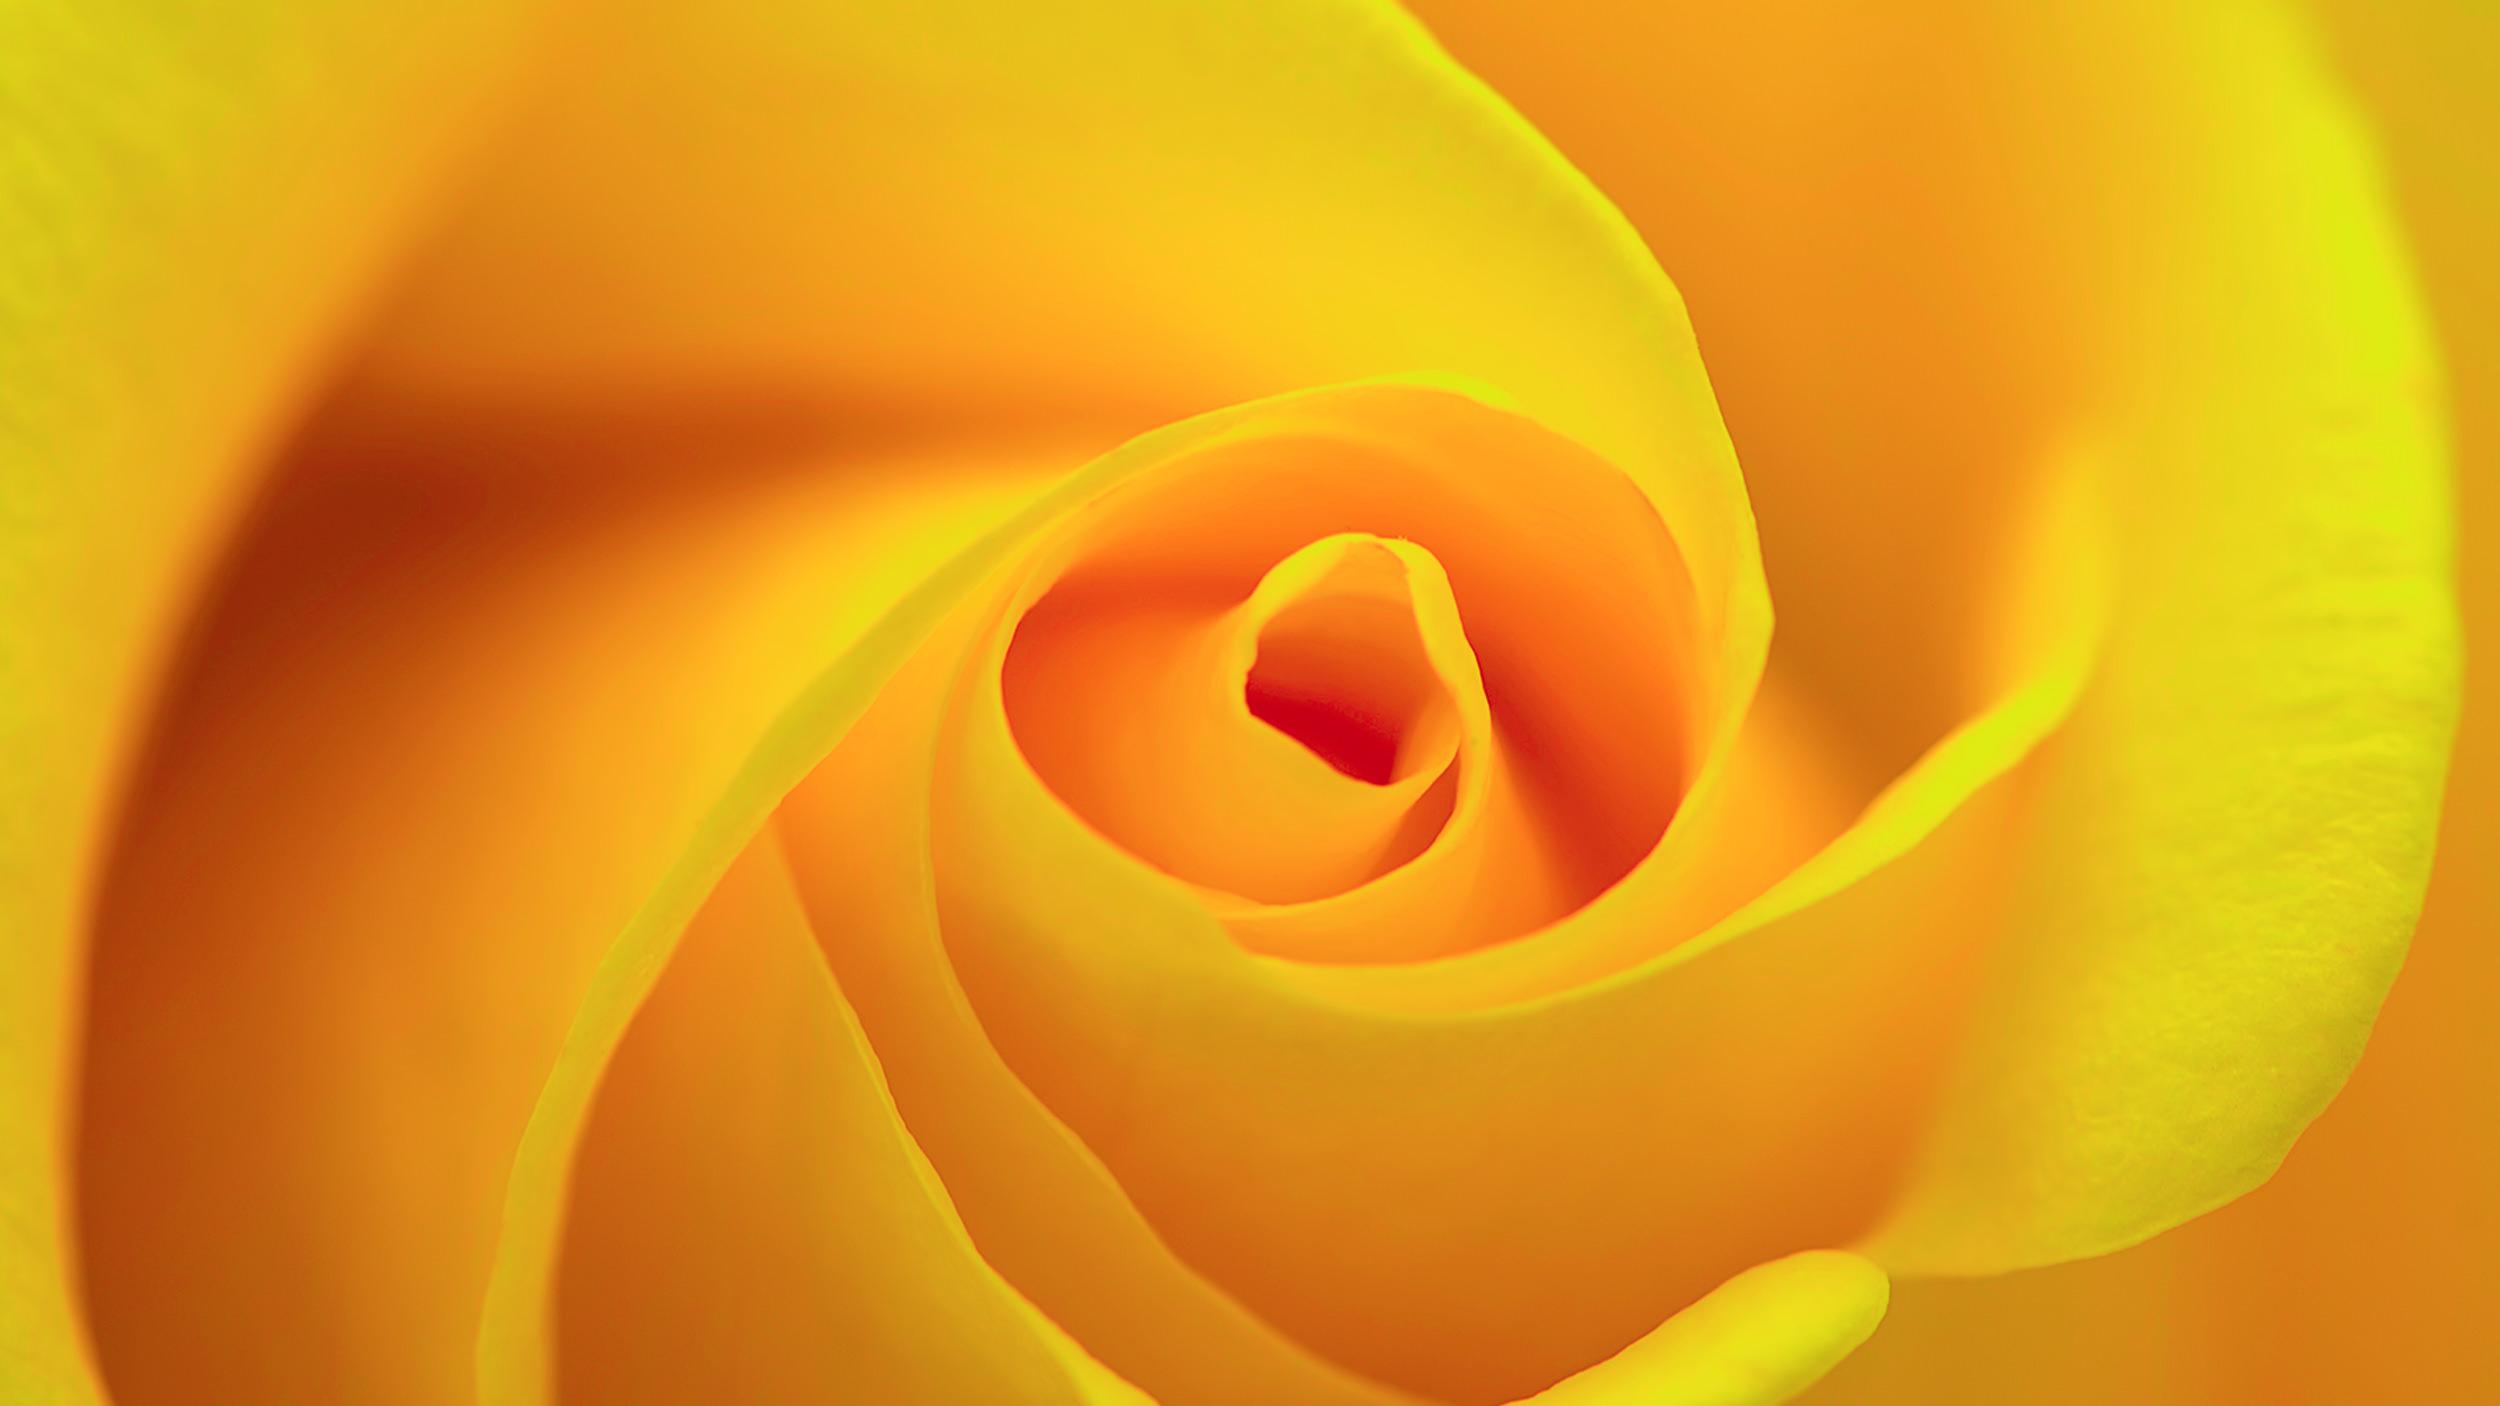 La rose jaune   : symbole de joie ou de trahison.